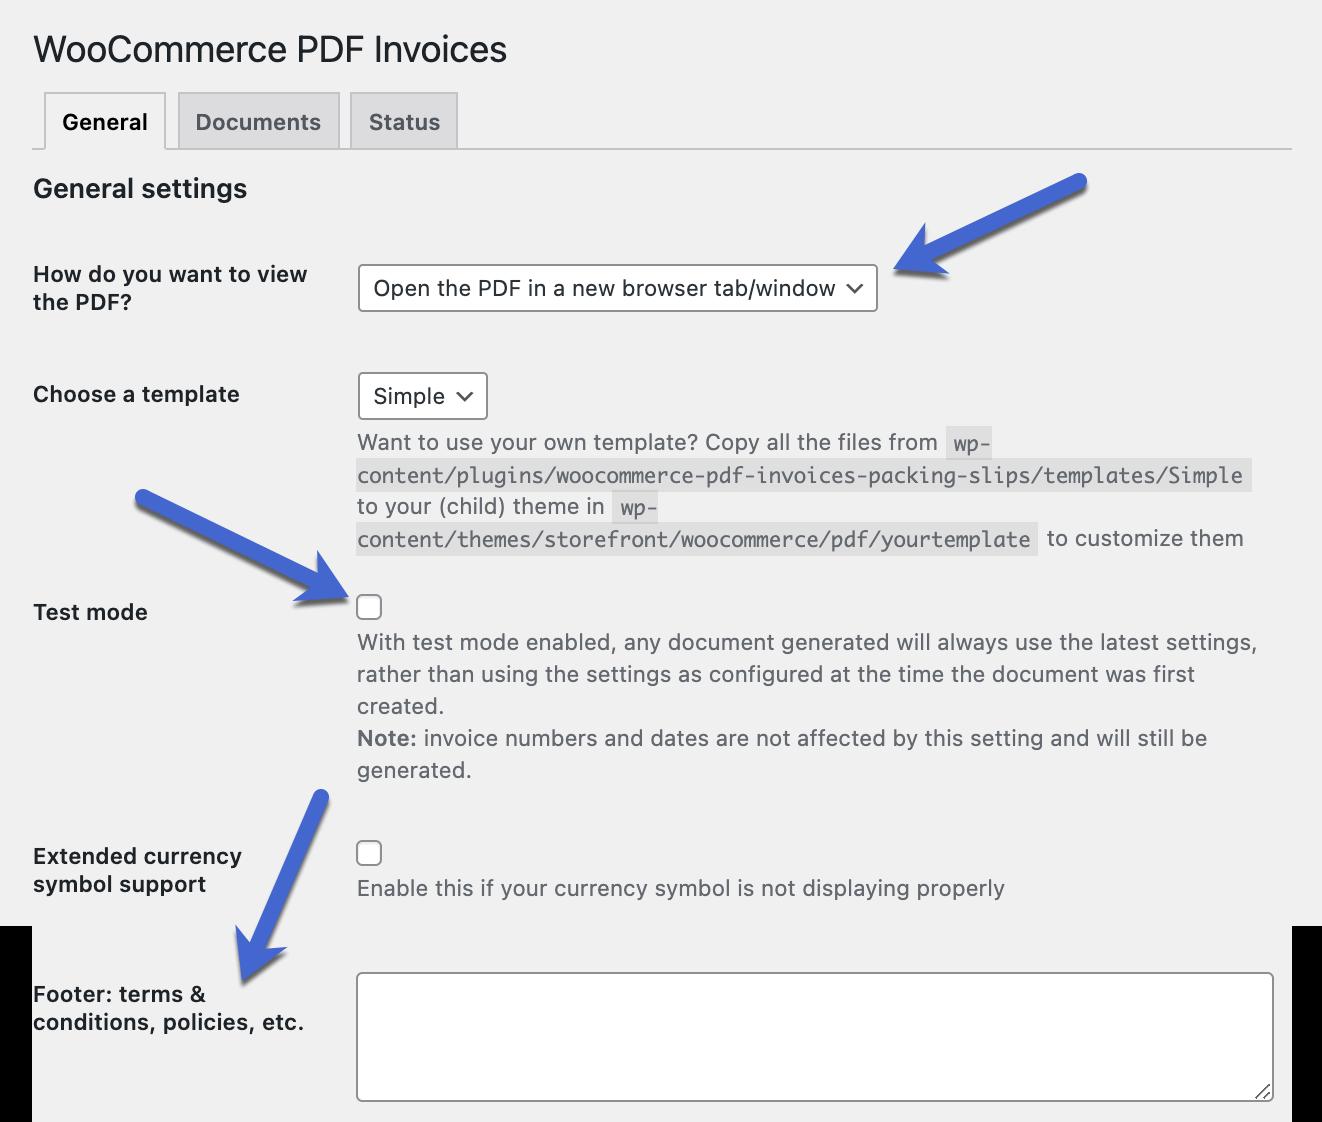 configuración para la factura de WooCommerce